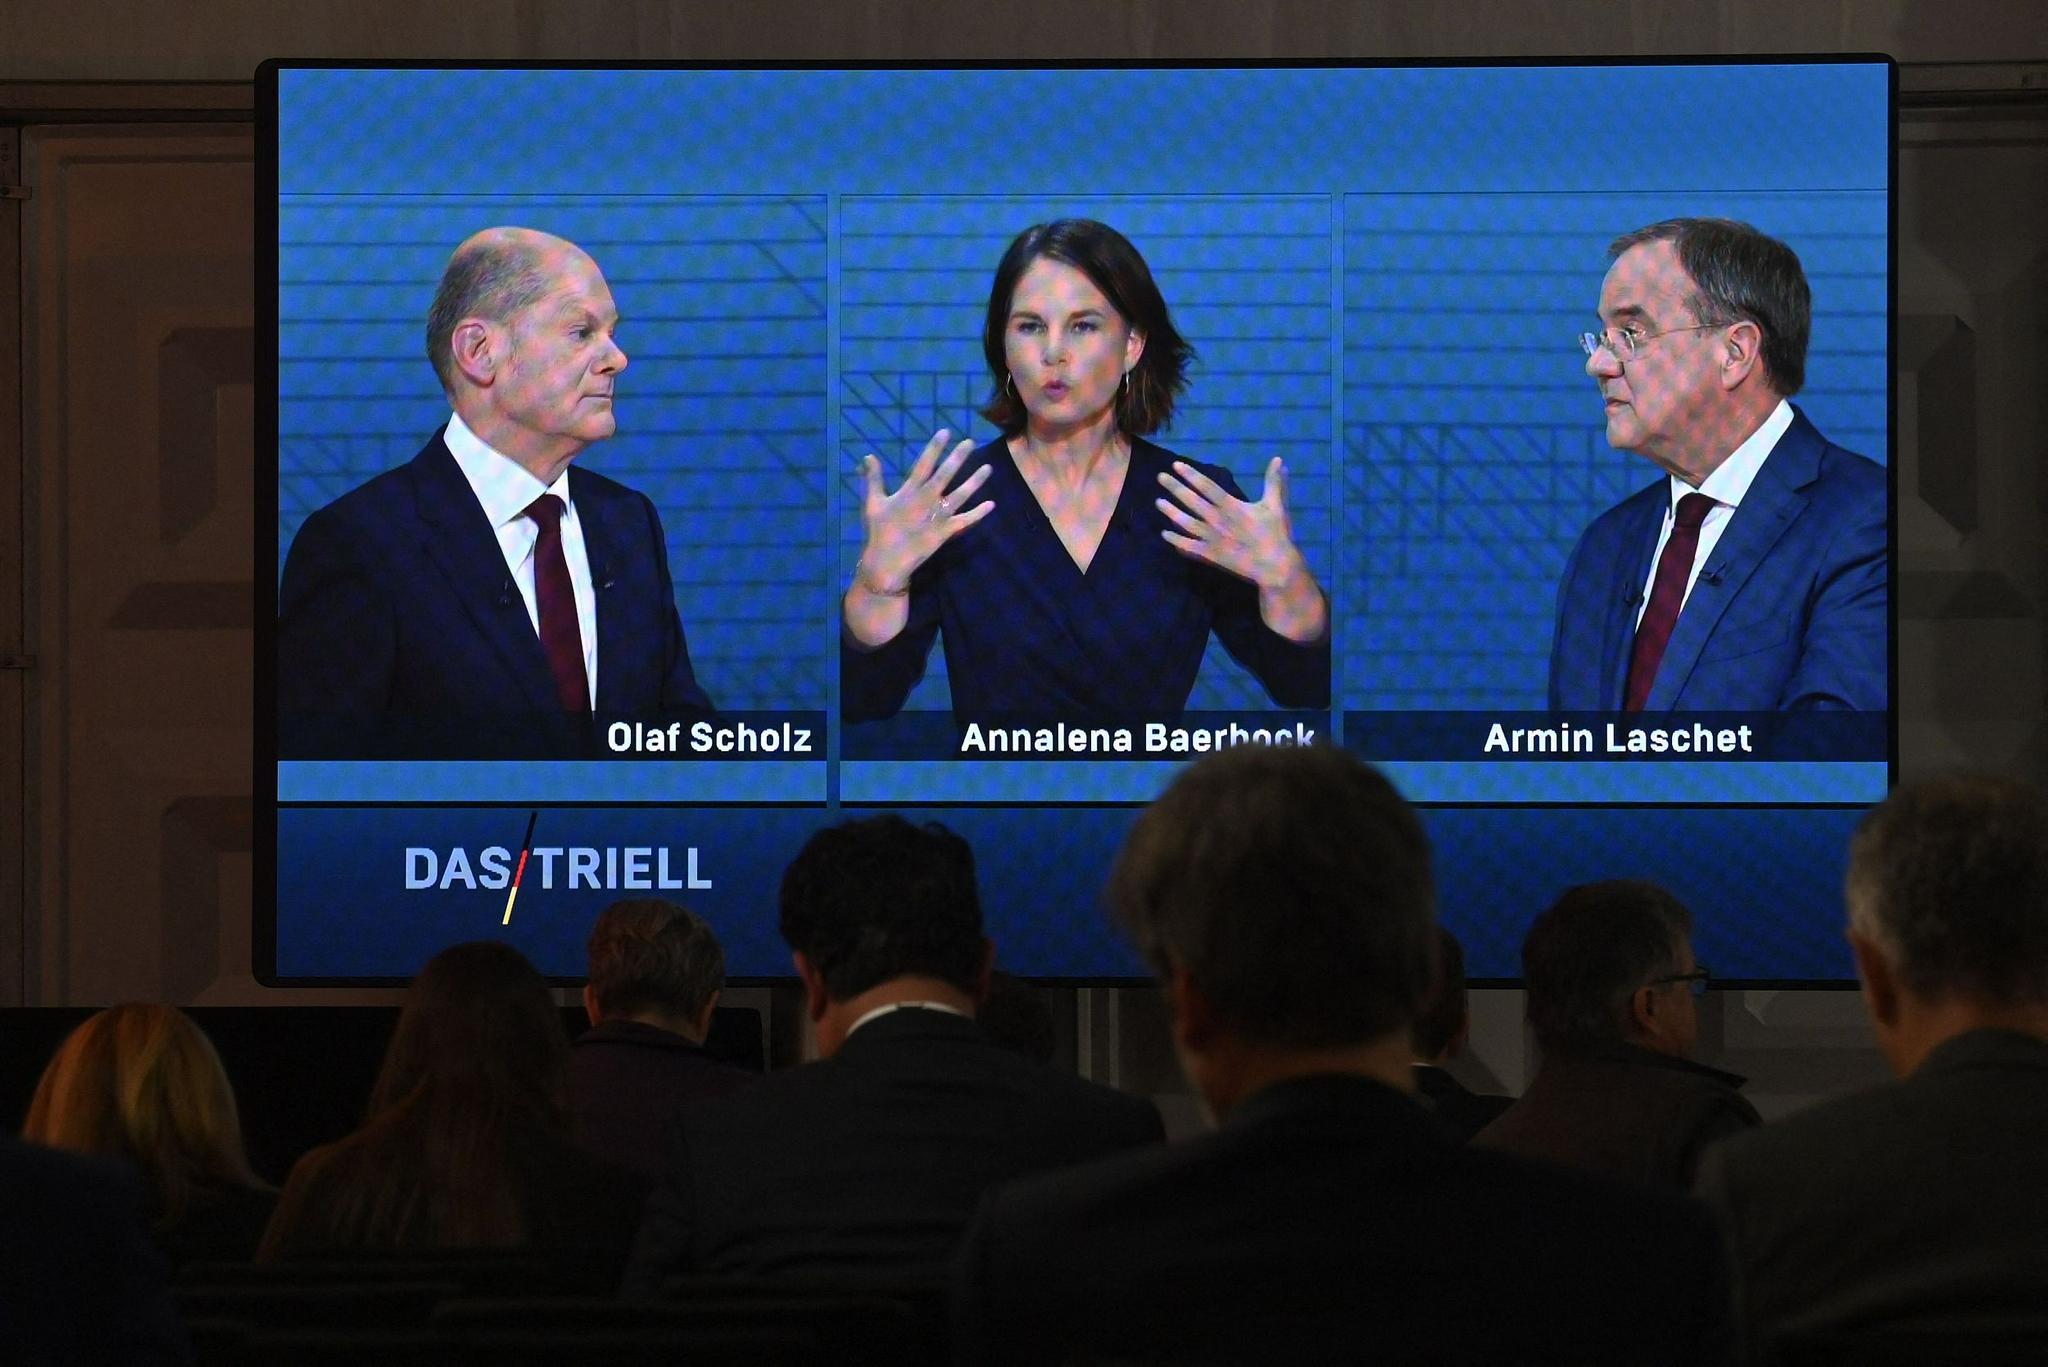 德国大选候选人电视辩说@视觉中国